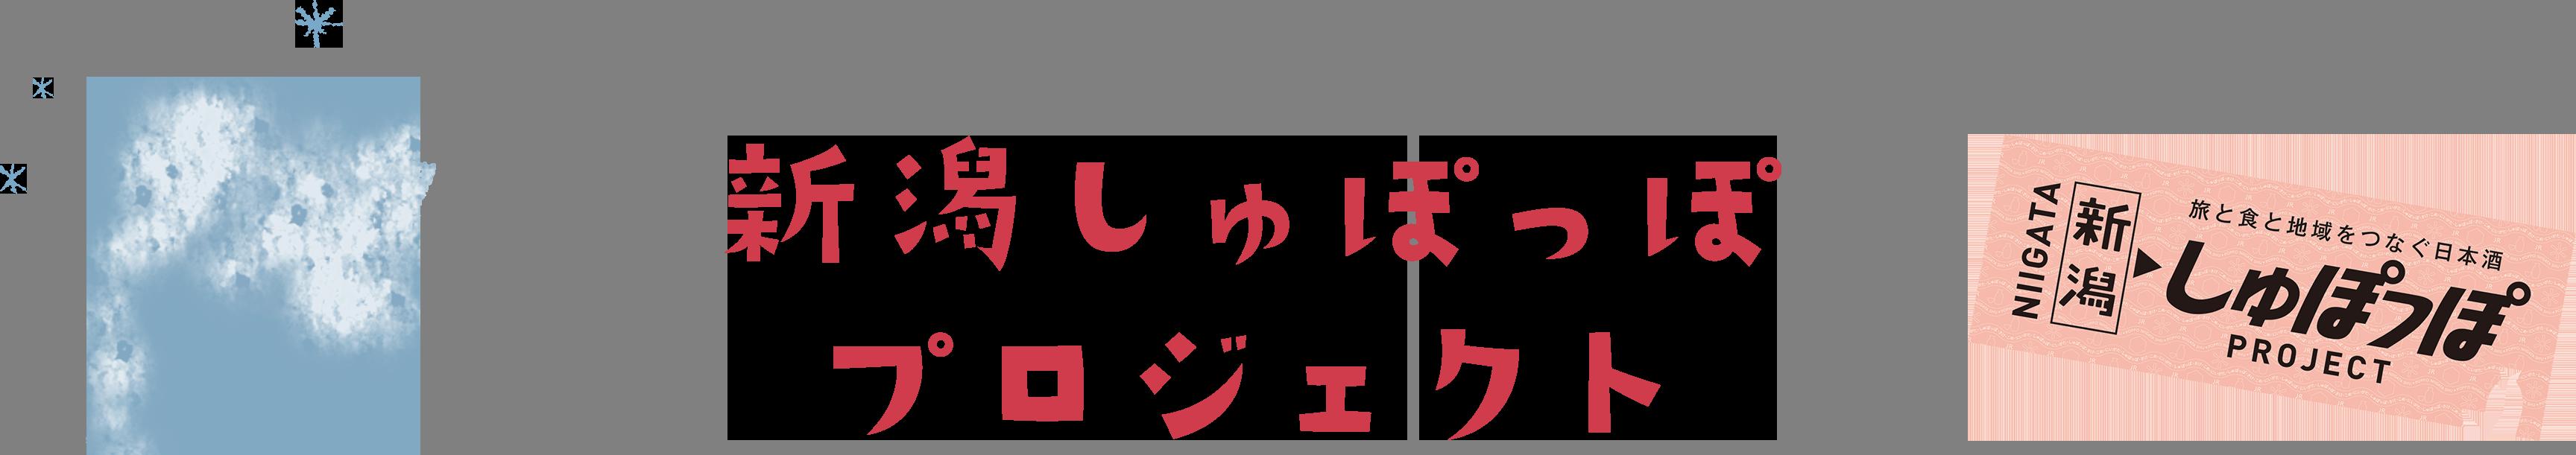 新潟しゅぽっぽプロジェクト